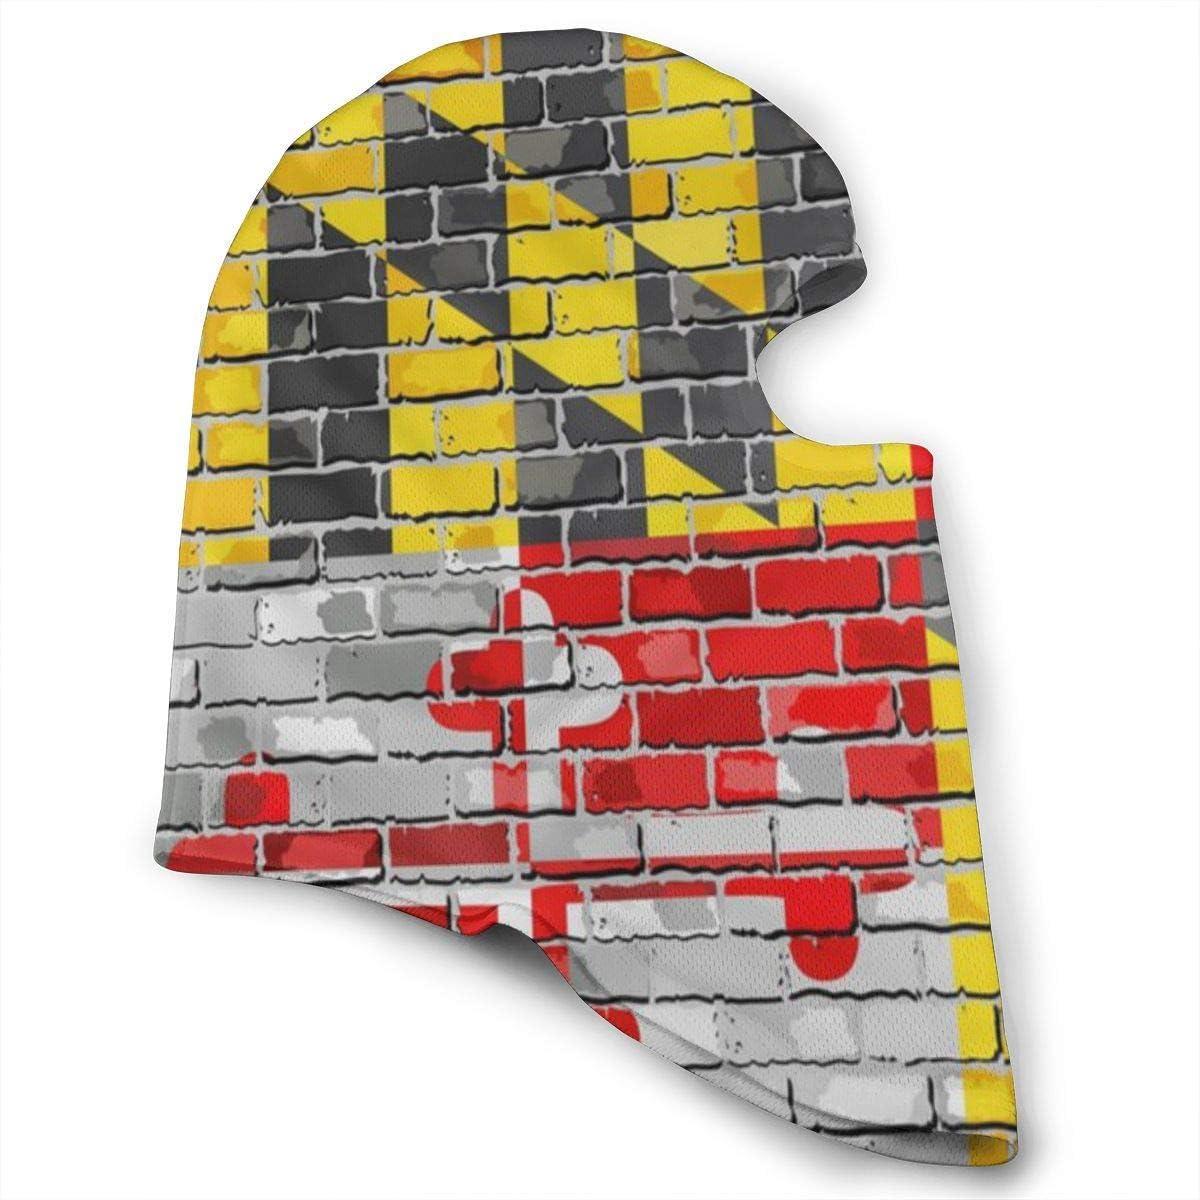 XCNGG Máscara Facial Completa Capucha Fag of Maryland Wall Sombreros Finos A Prueba de Viento Cómodo Sol Protección UV Bufanda Facial Suave Pañuelos multifuncionales para Hombres Mujeres Blanco